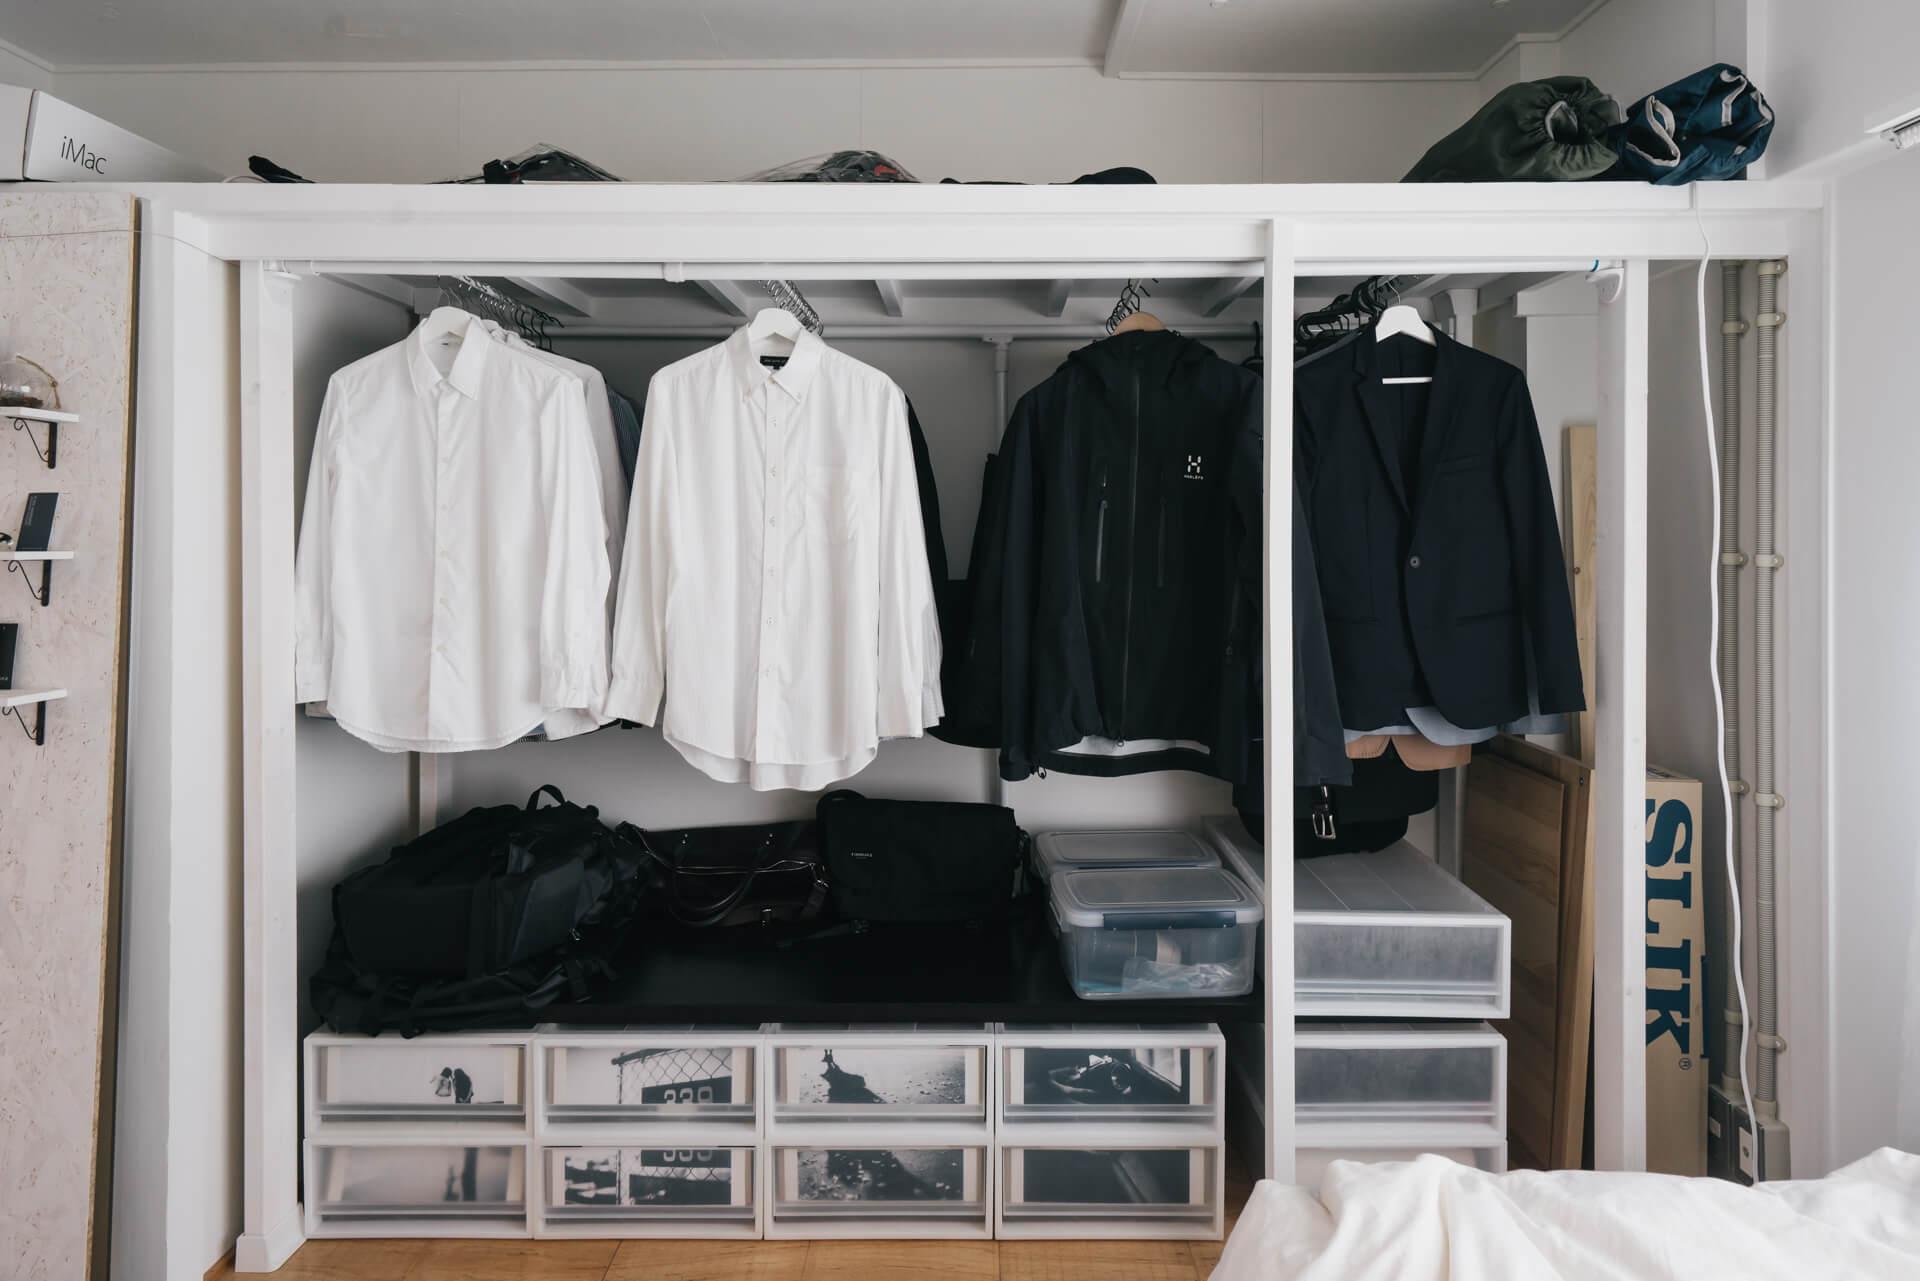 ベッドルームをシンプル、綺麗に保つには? ほか、今週の人気記事まとめ!